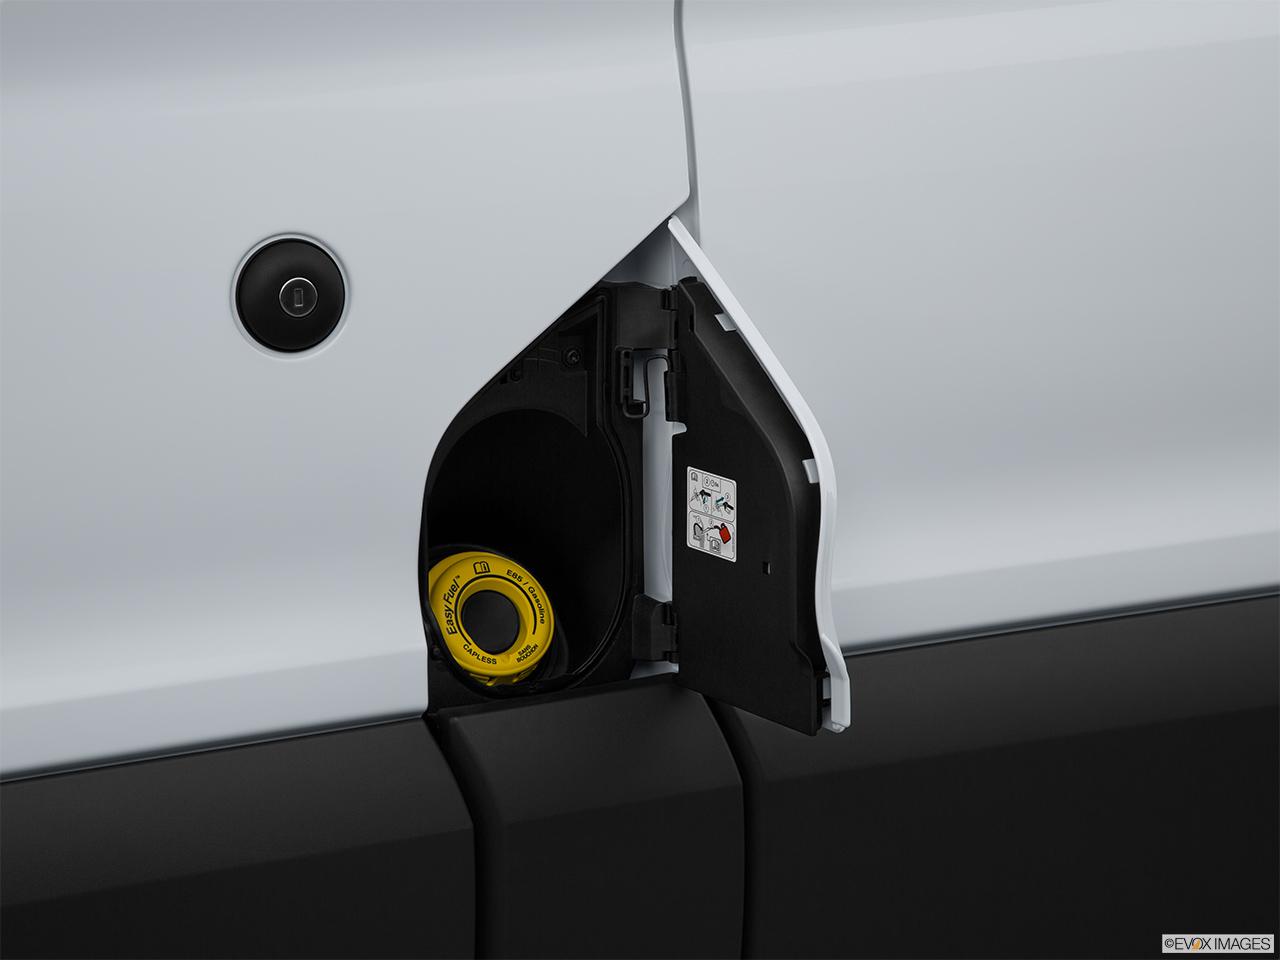 Ford Transit Cutaway >> 2015 Ford Transit Cutaway T-250 156 9000 GVWR SRW - Gas cap open